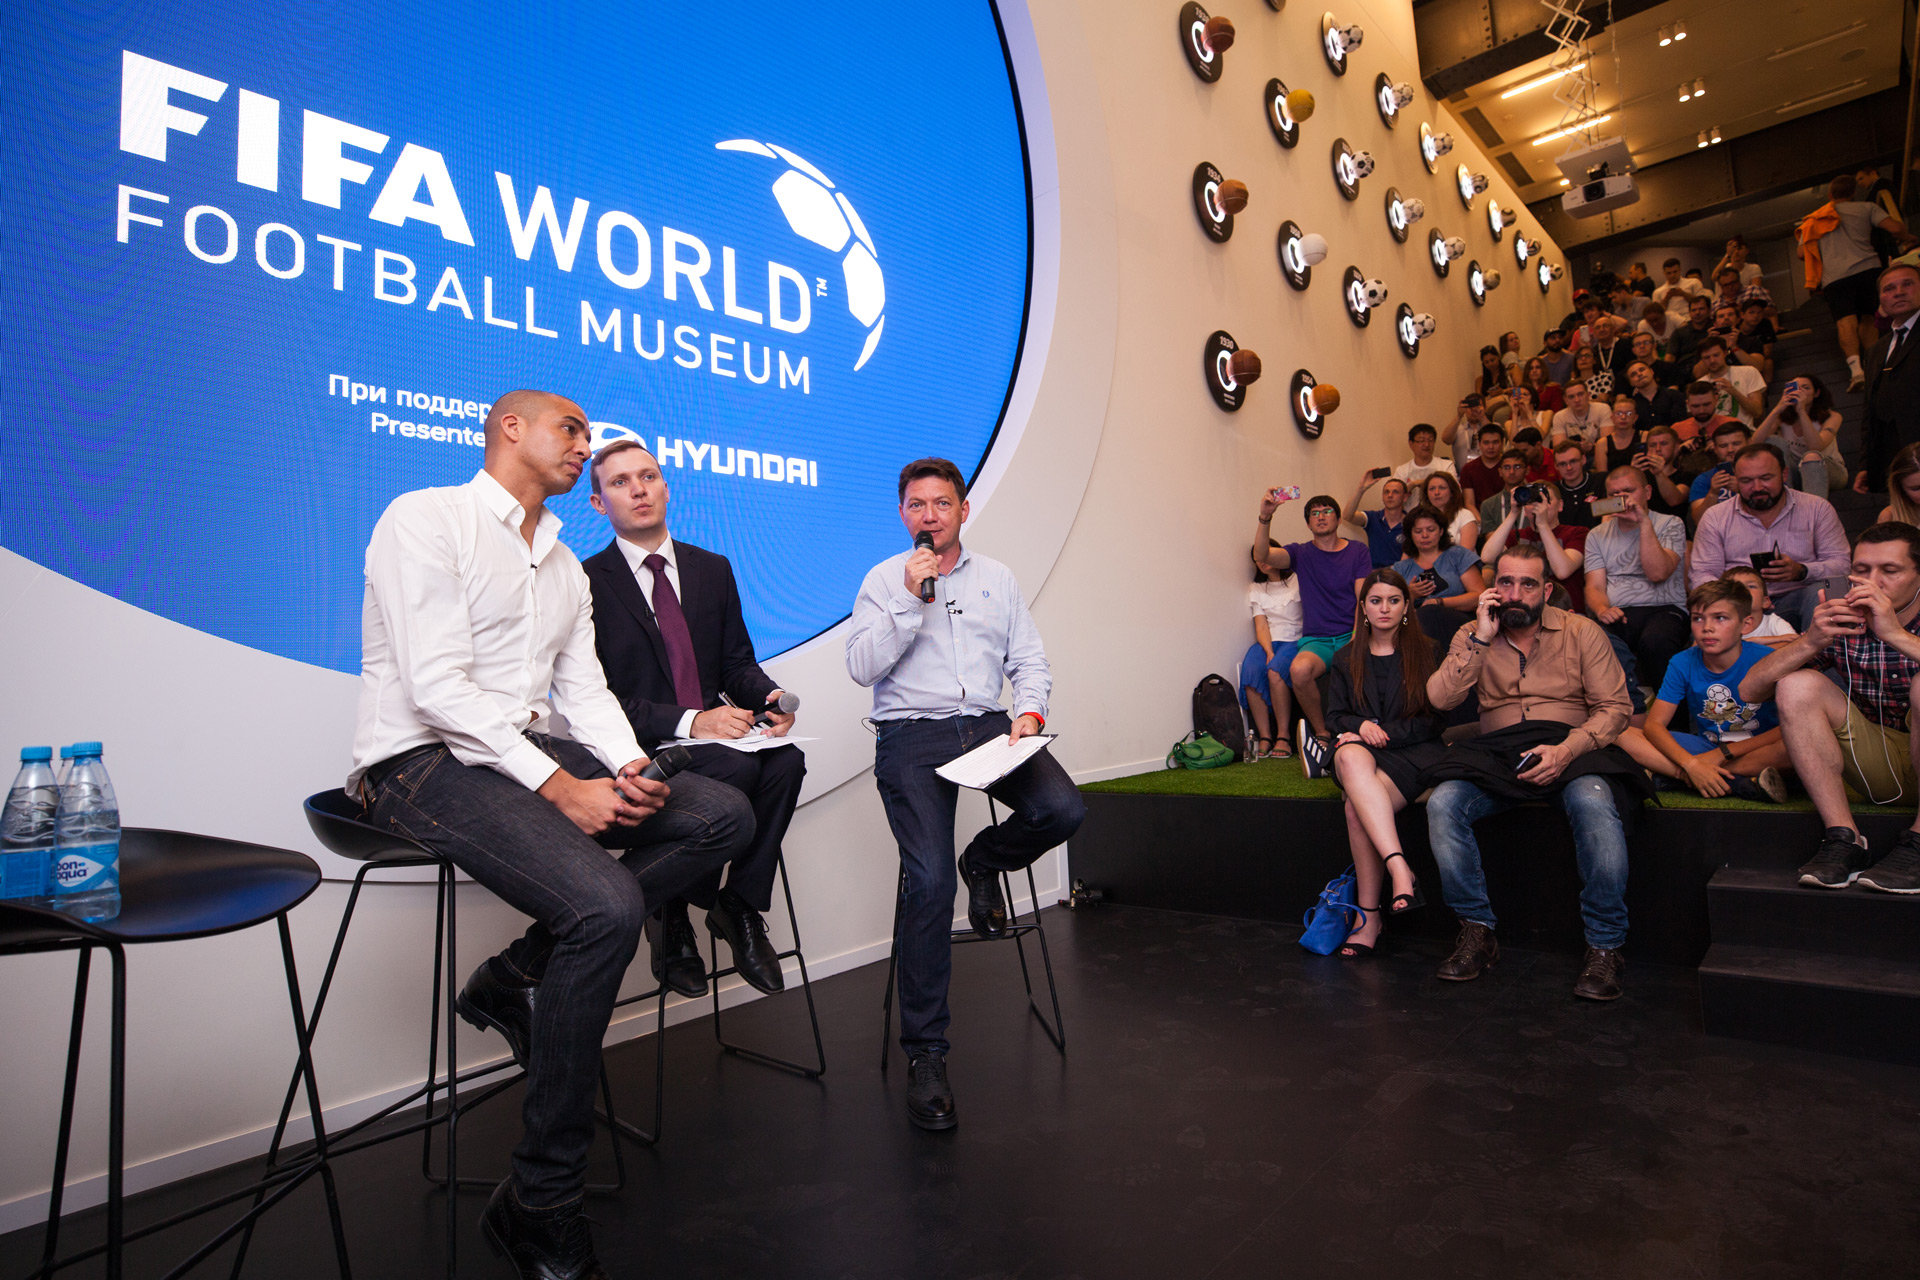 Ток-шоу со звездами футбола в Hyundai MotorStudio